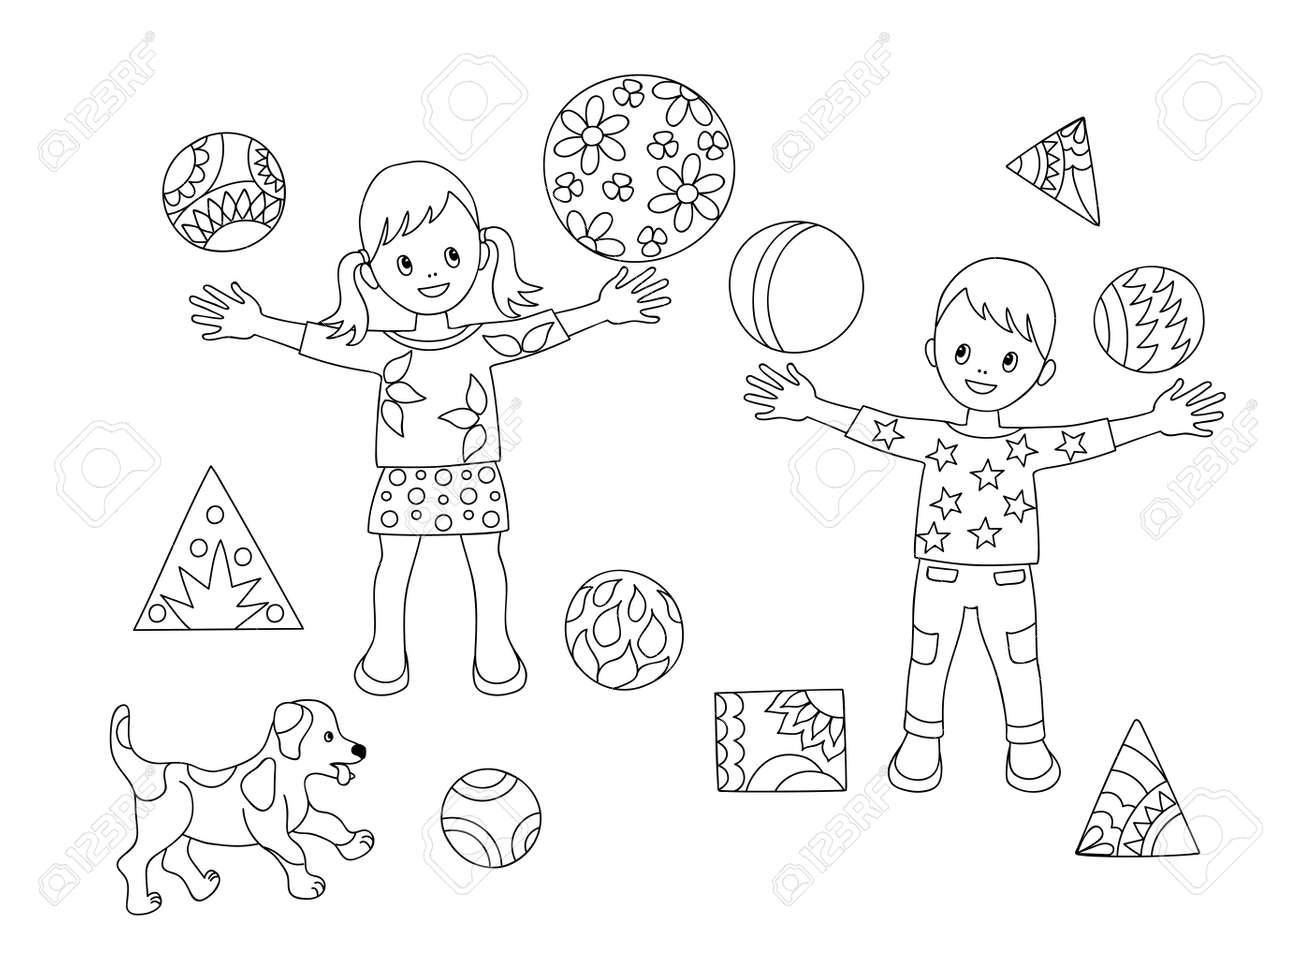 Malvorlage Mit Cartoon Spielen Kinder Und Welpen Mit Bällen Für ...